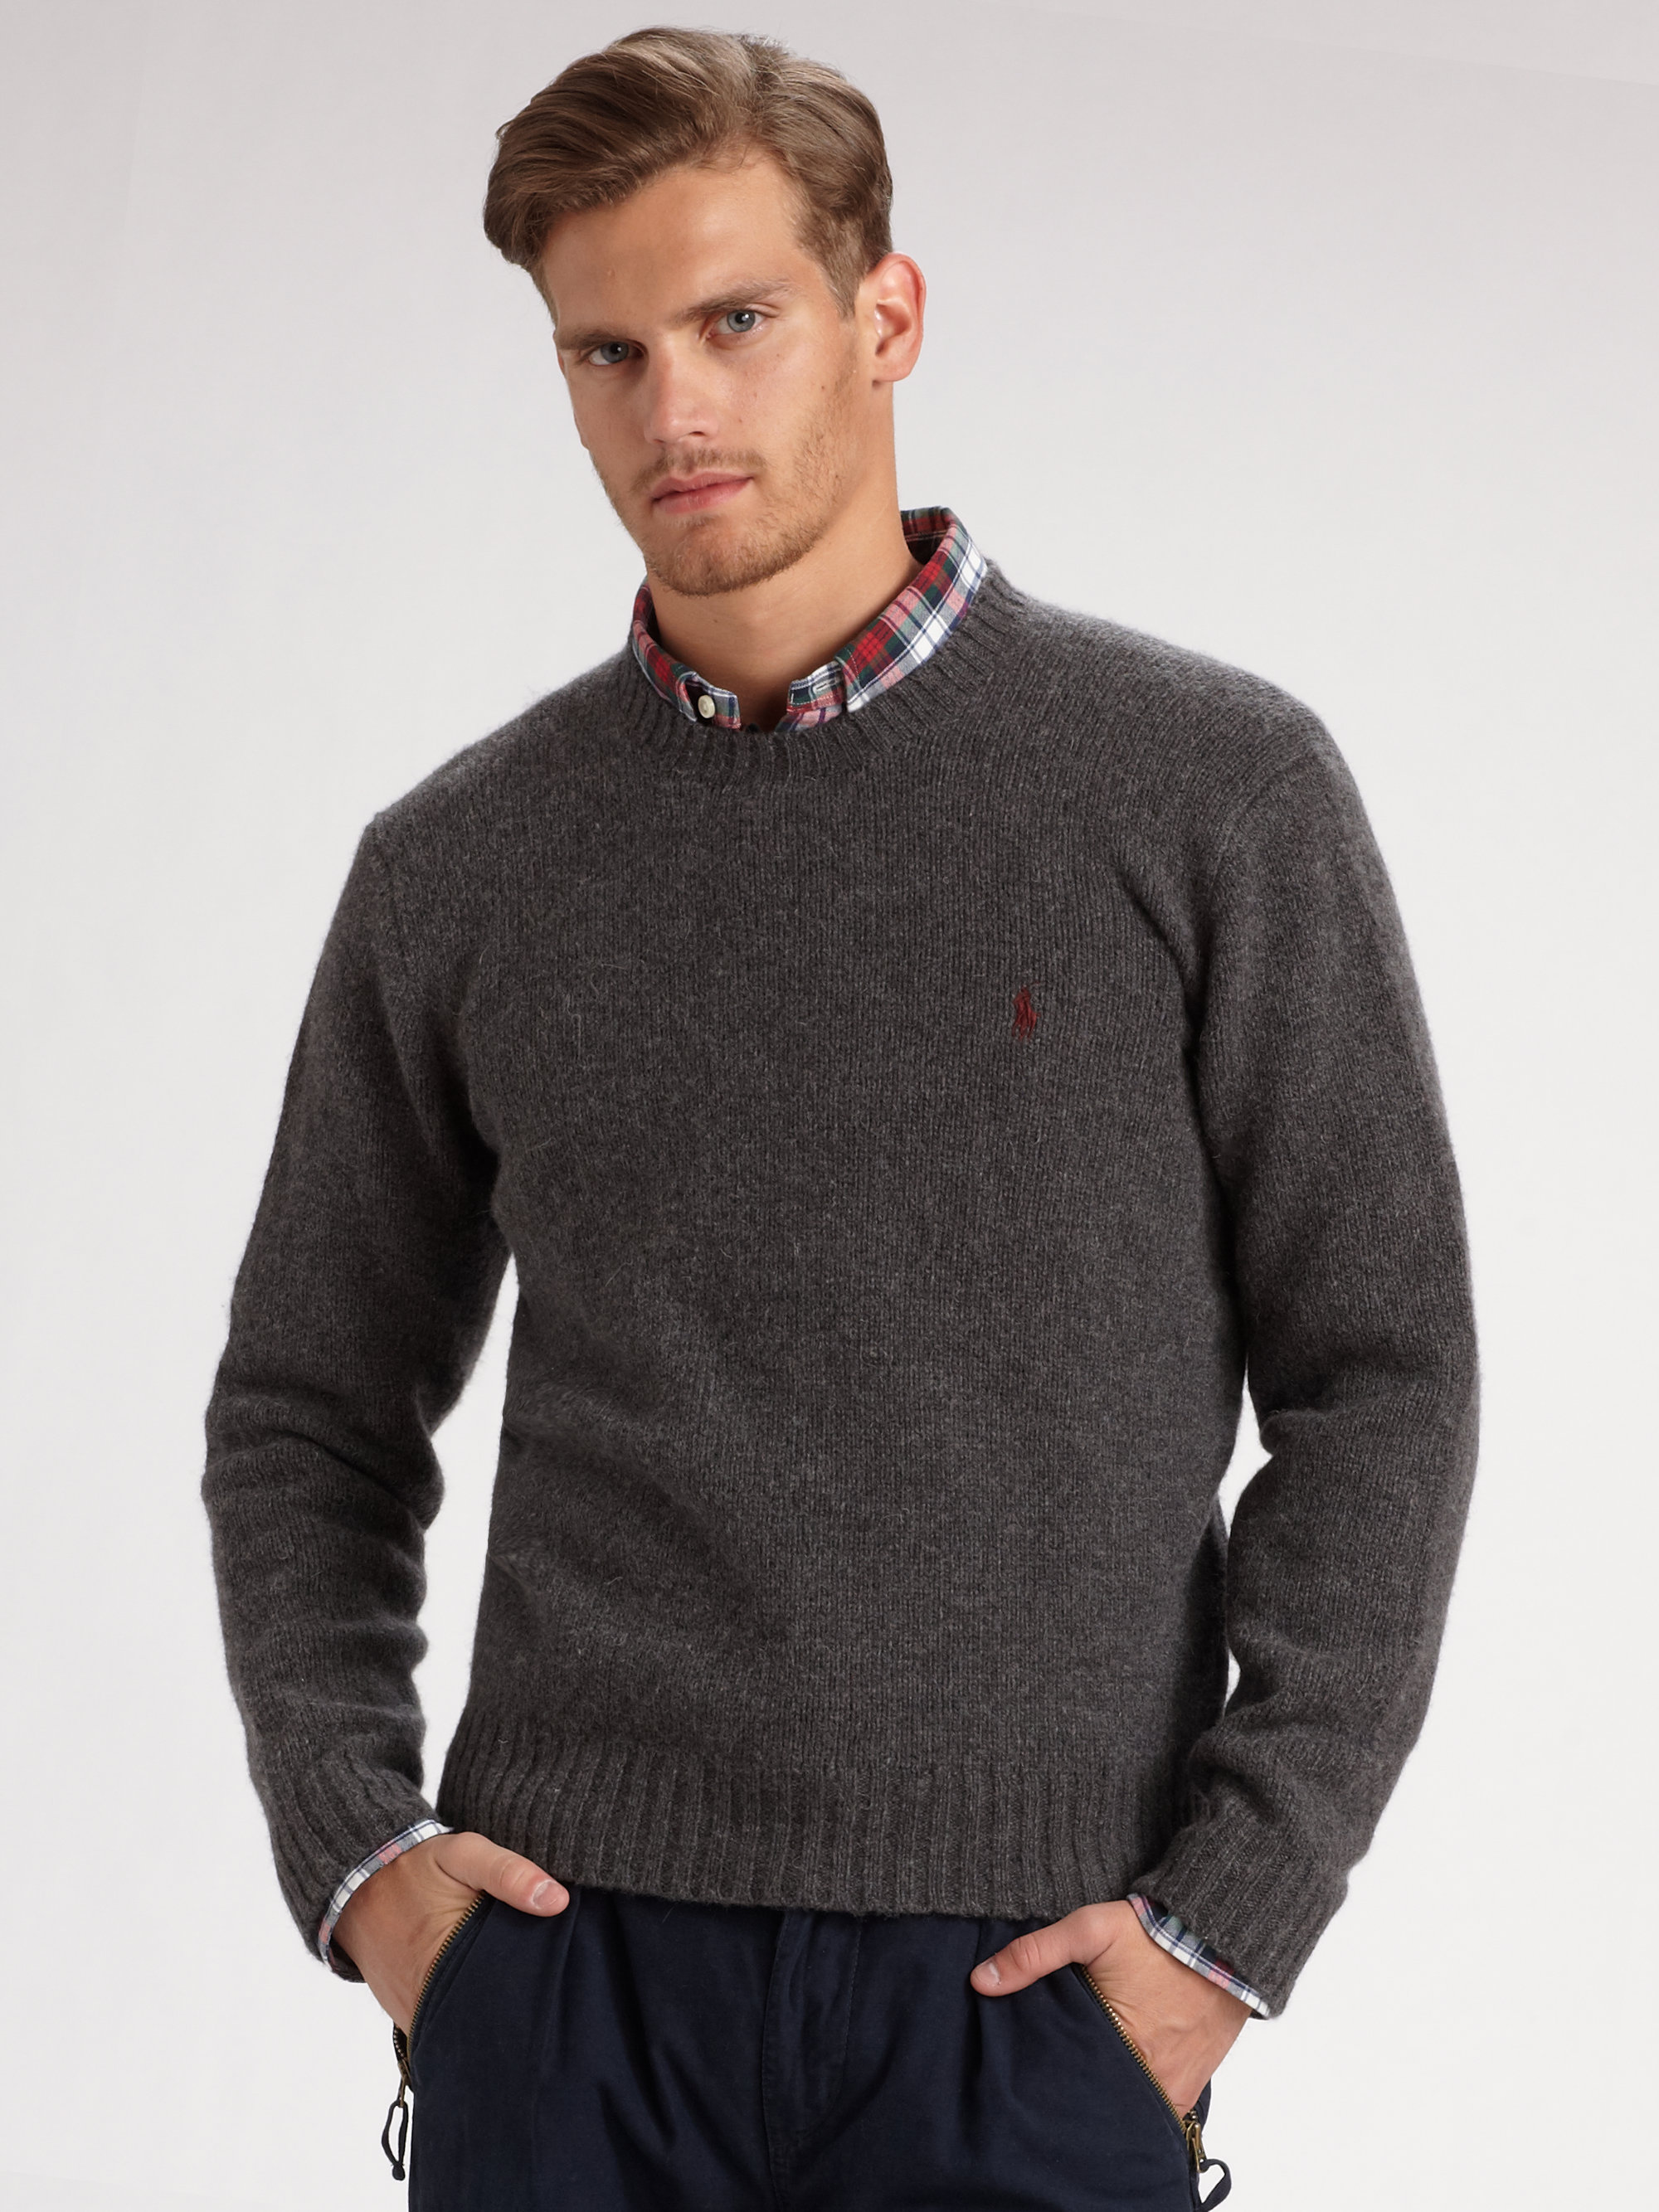 Ralph Lauren Mens Crew Neck Sweaters